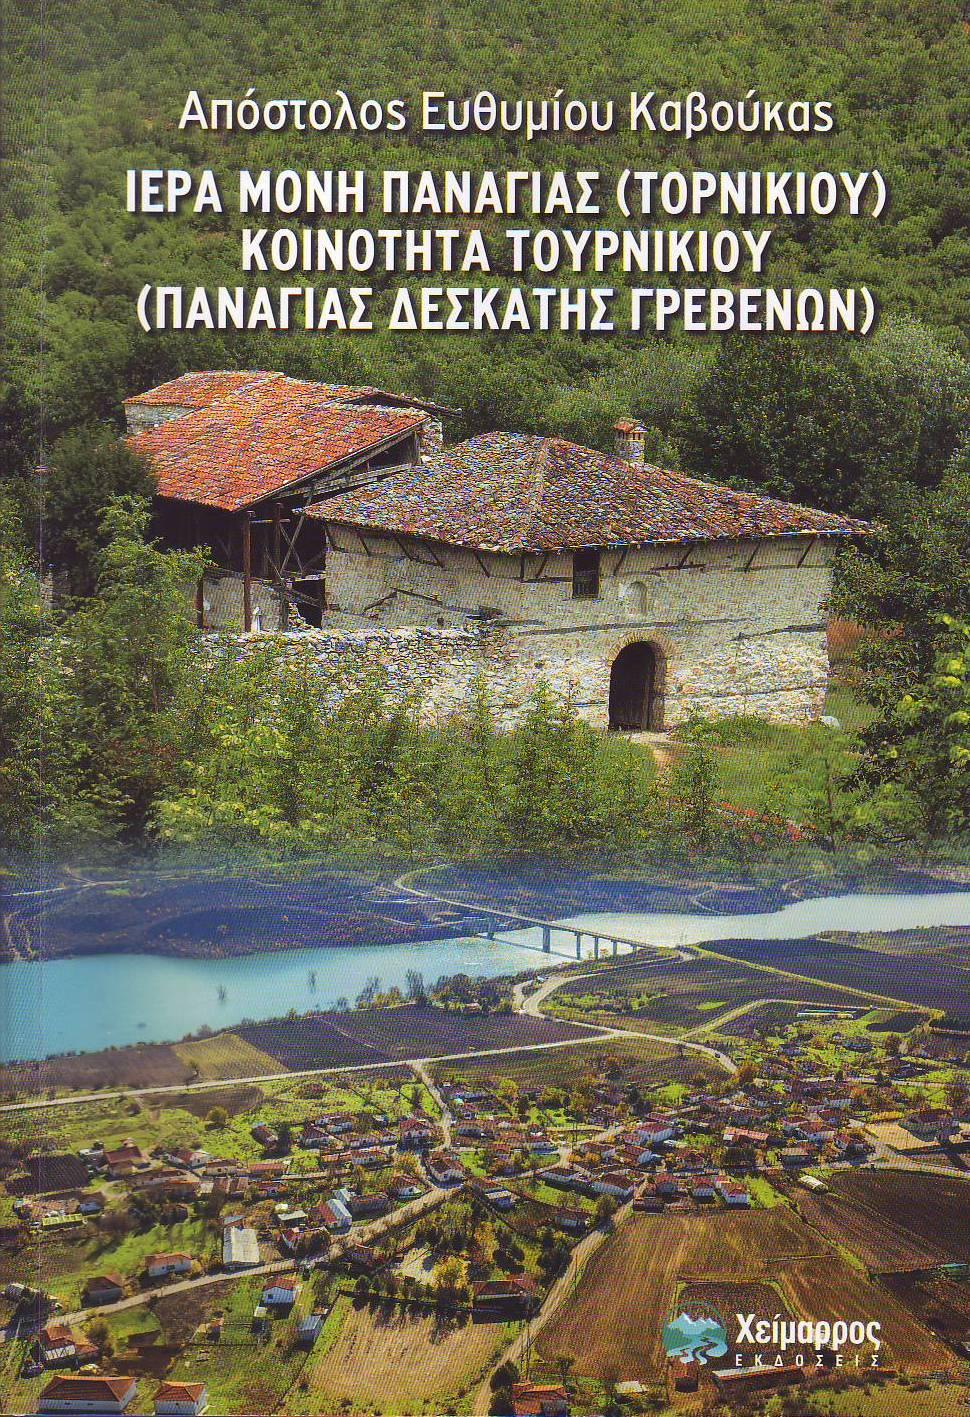 Ιερά Μονή Παναγίας Τορνικίου και Κοινότητα Τορνικίου- Βιβλιοπαρουσίαση *Του Απόστολου Καβούκα